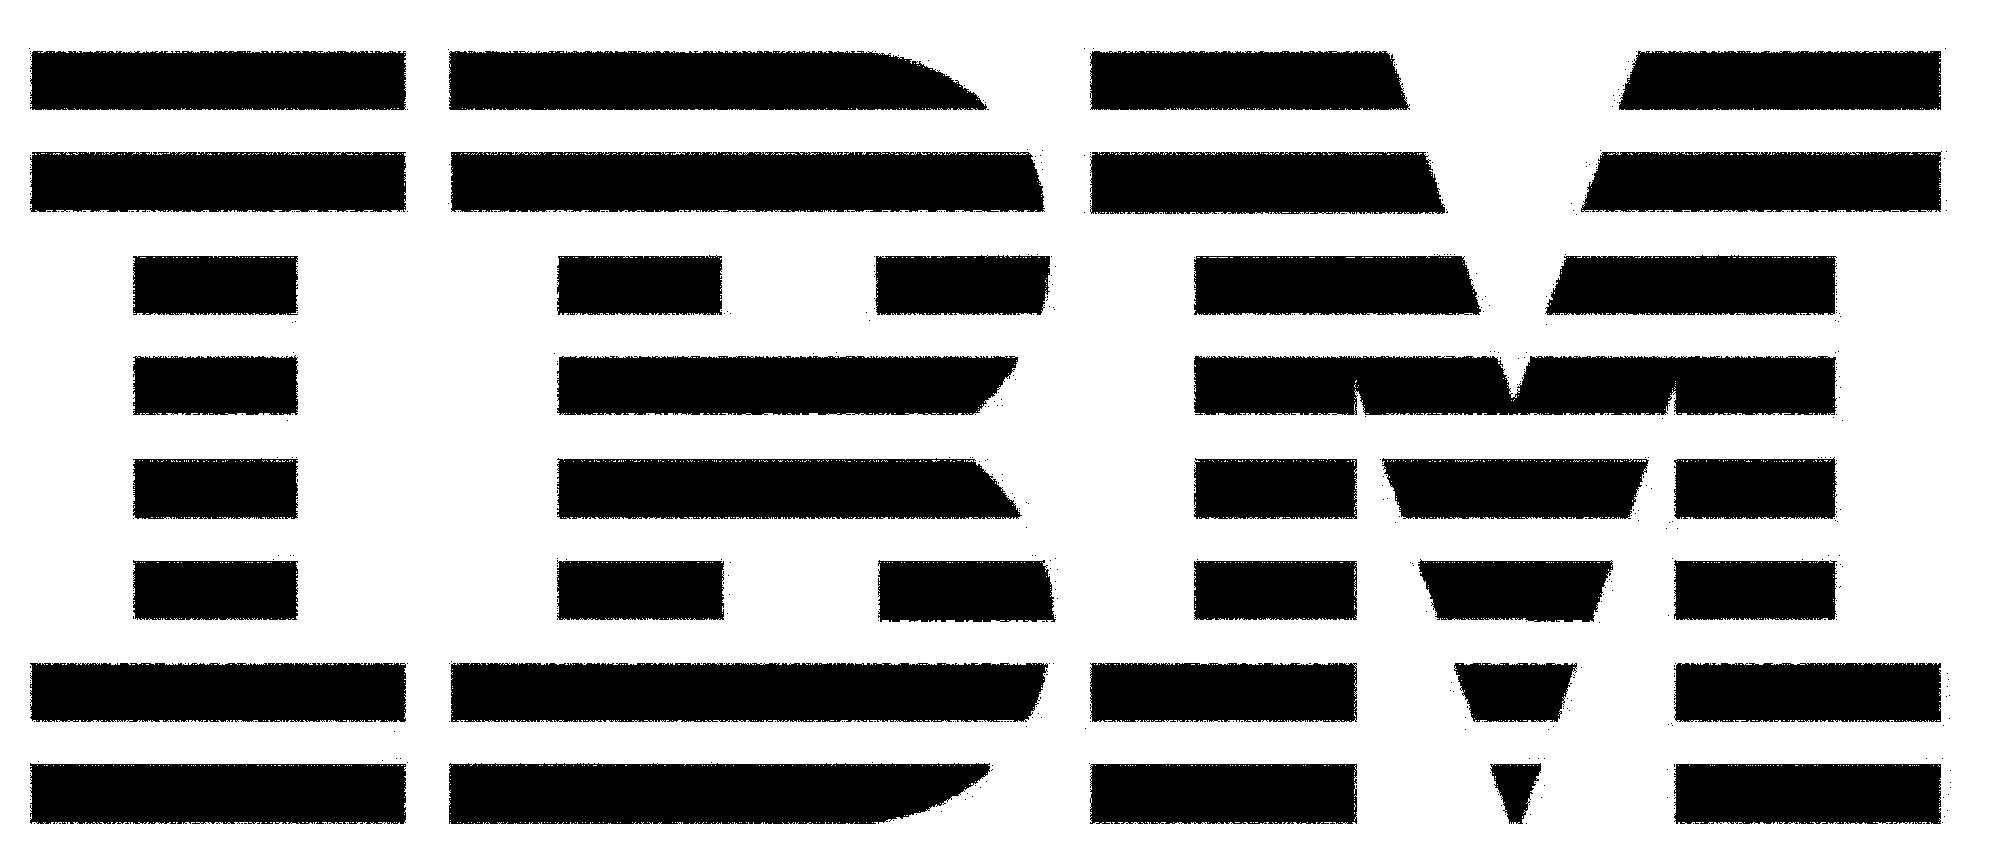 compramos IBM